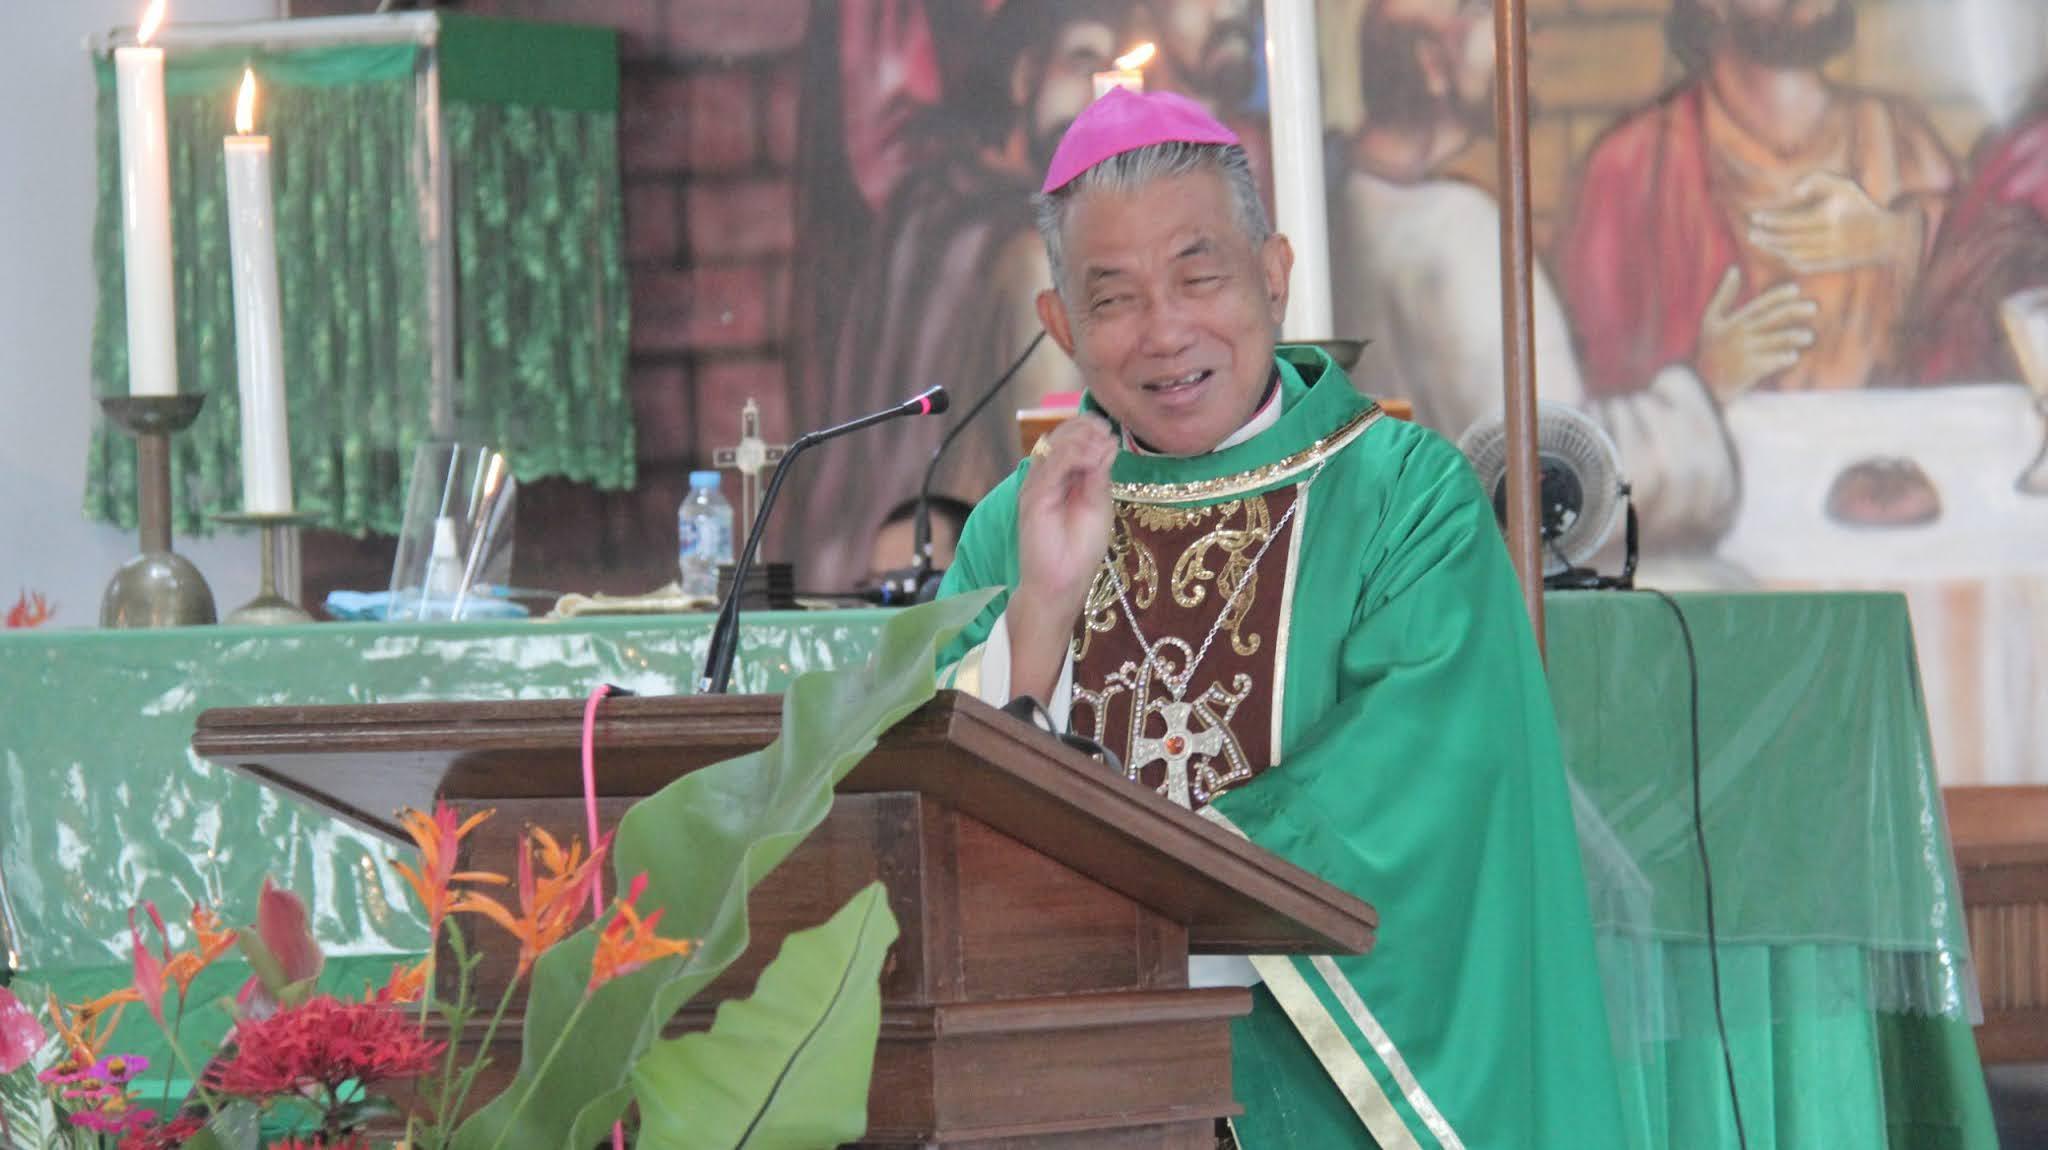 Pasca Bom Makassar, Uskup Agung Pontianak Minta Umat Katolik Waspada